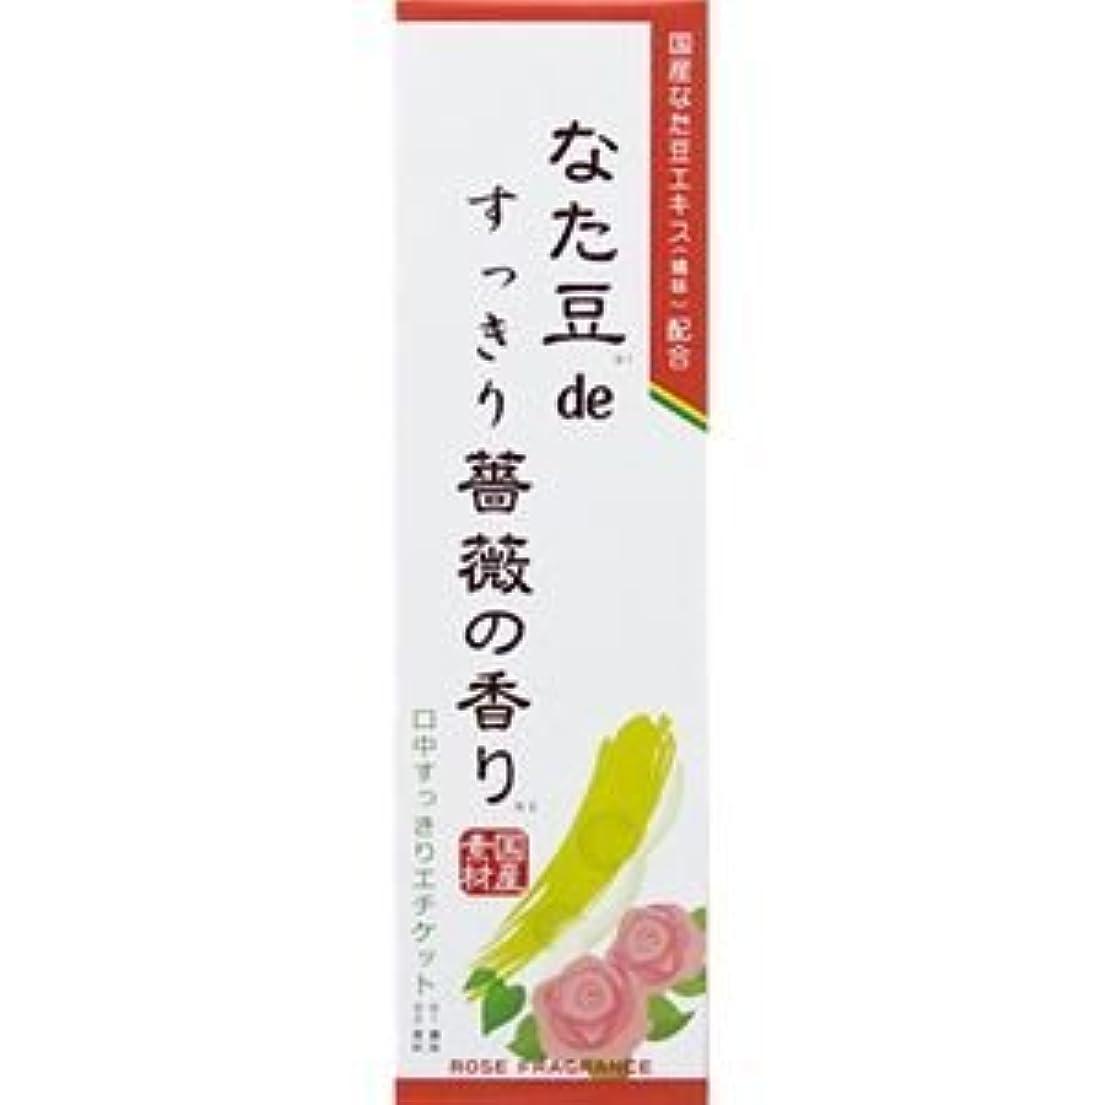 勇気のある構造感謝(まとめ買い)なた豆deすっきり薔薇の香り 120g×3セット